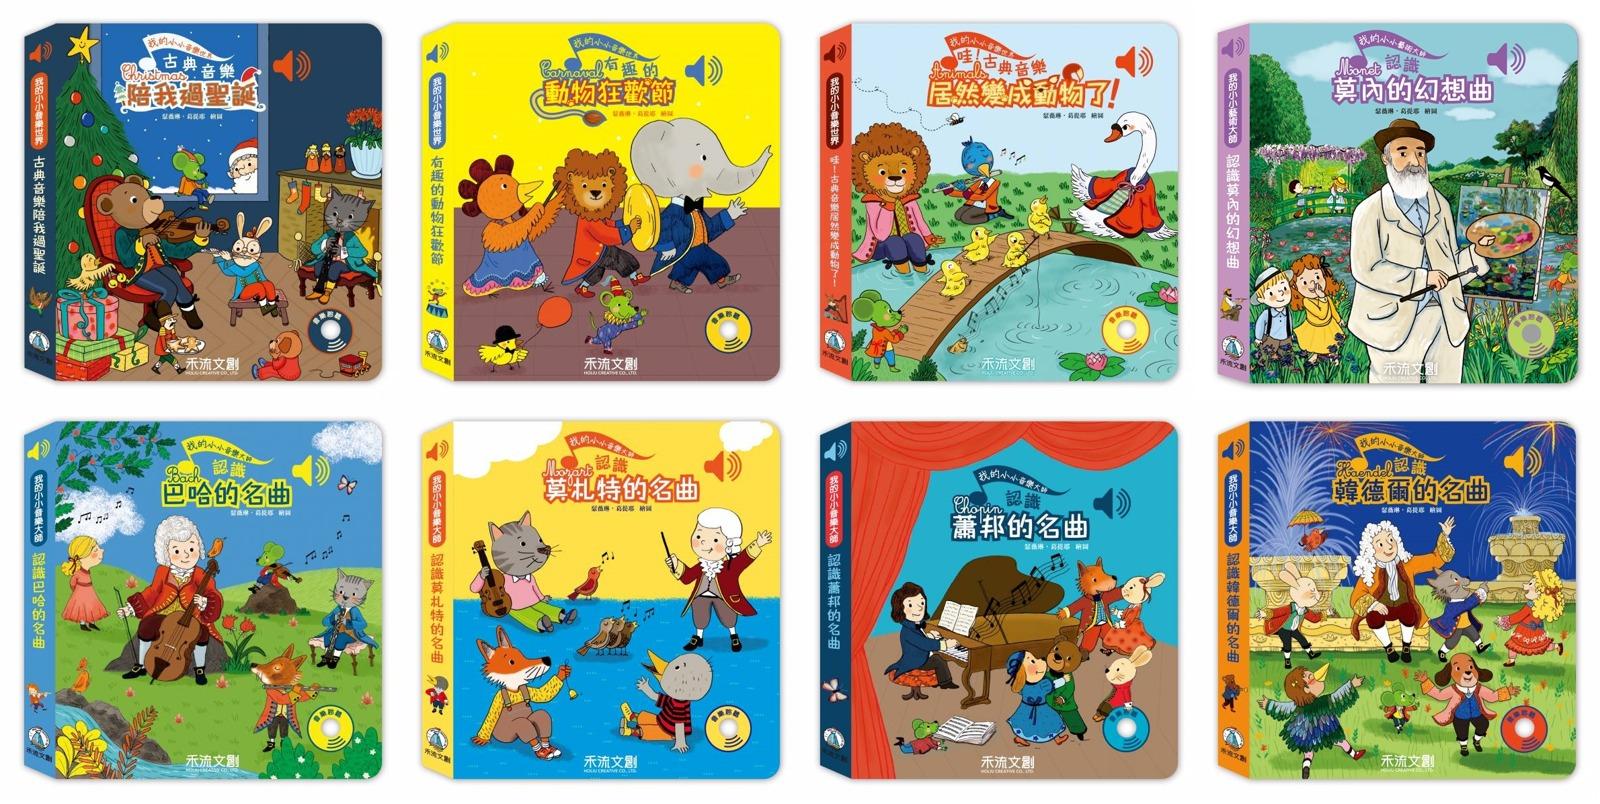 【禾流文創童書】0-3歲超猛書單就在這一團,從小培養閱讀好習慣 @小環妞 幸福足跡